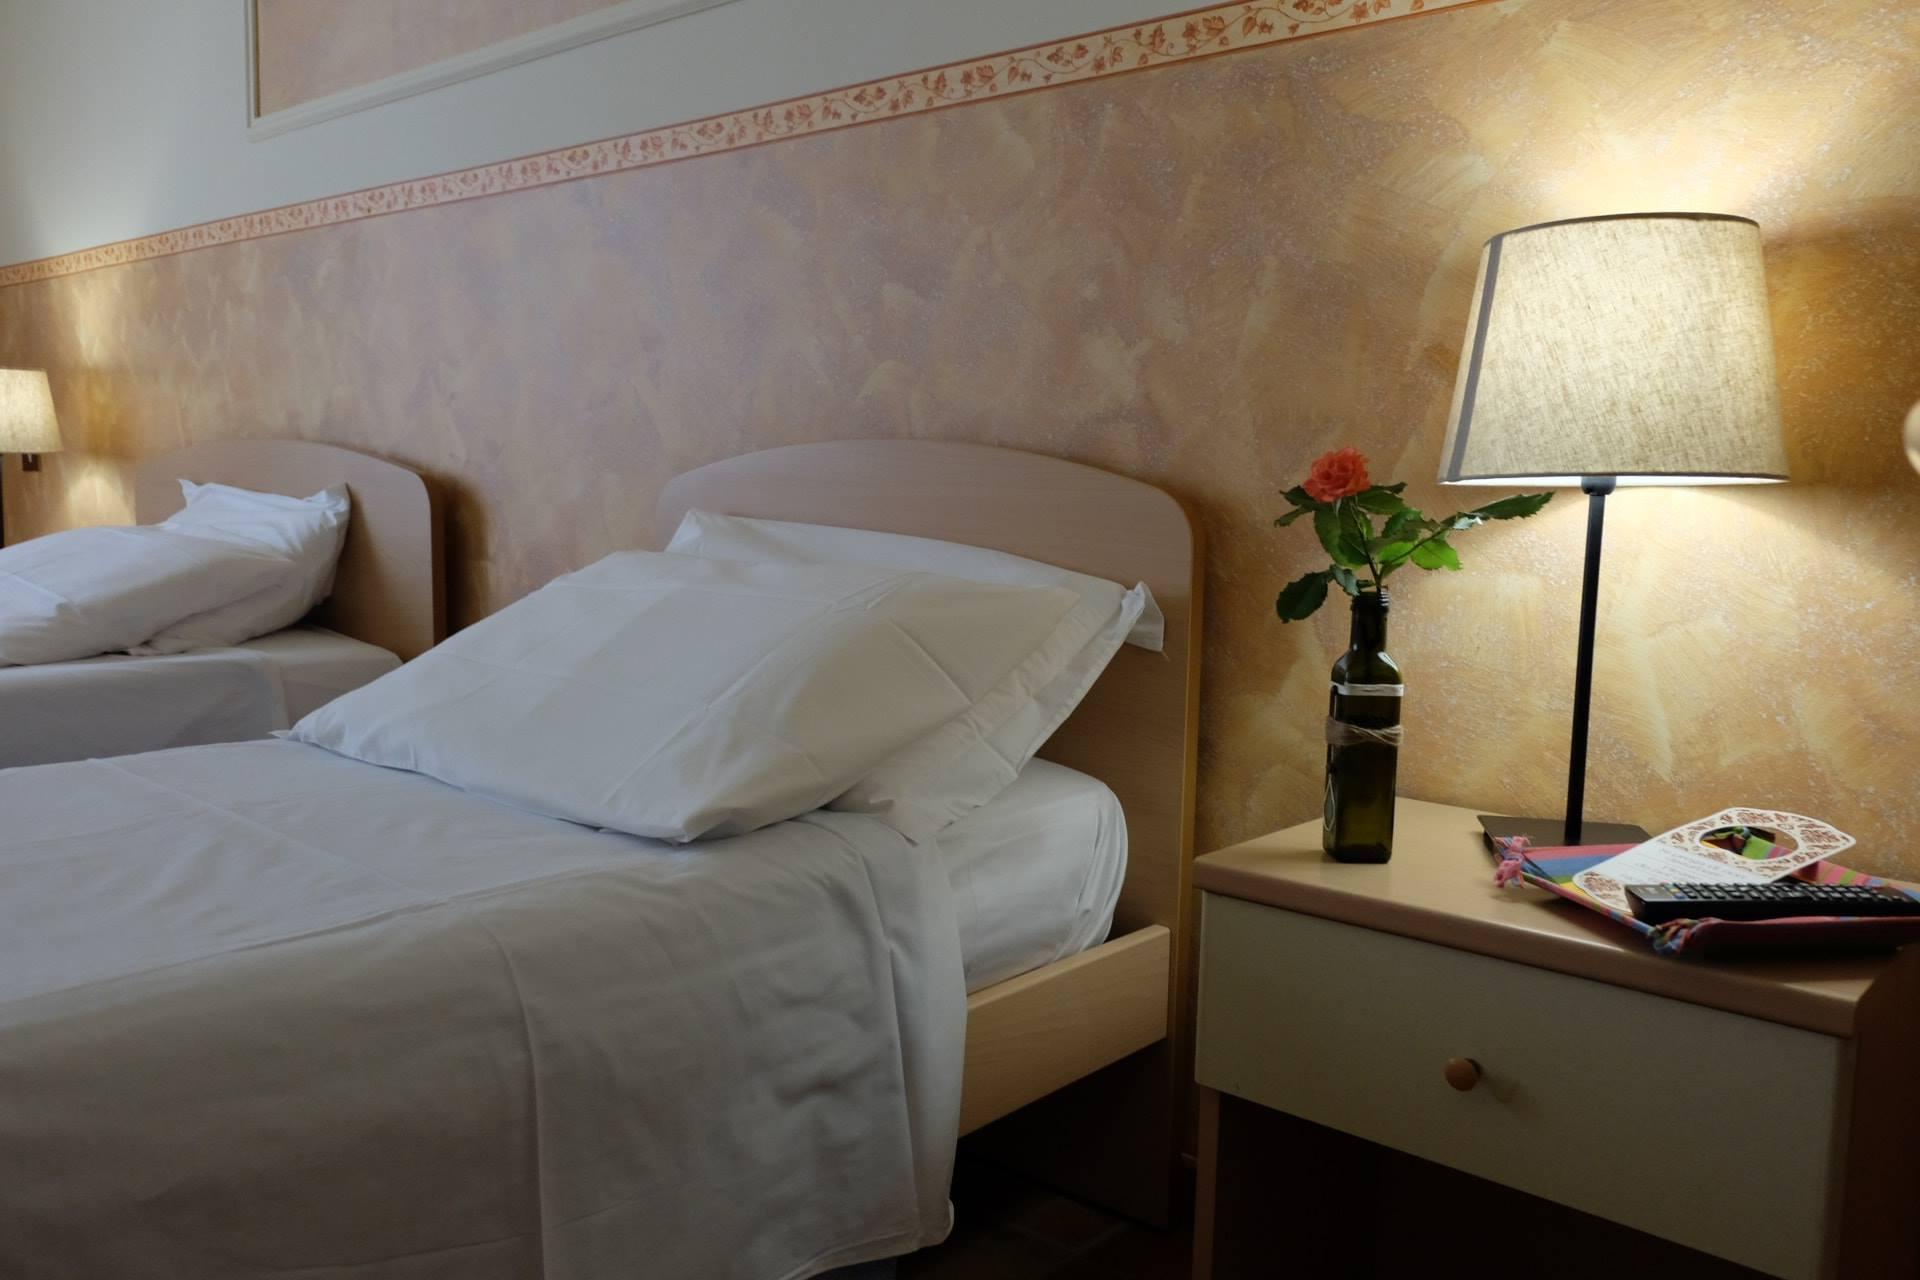 galleria foto camere hostel il tetto melfi ostello dormire soggiorno vacanze basilicata11